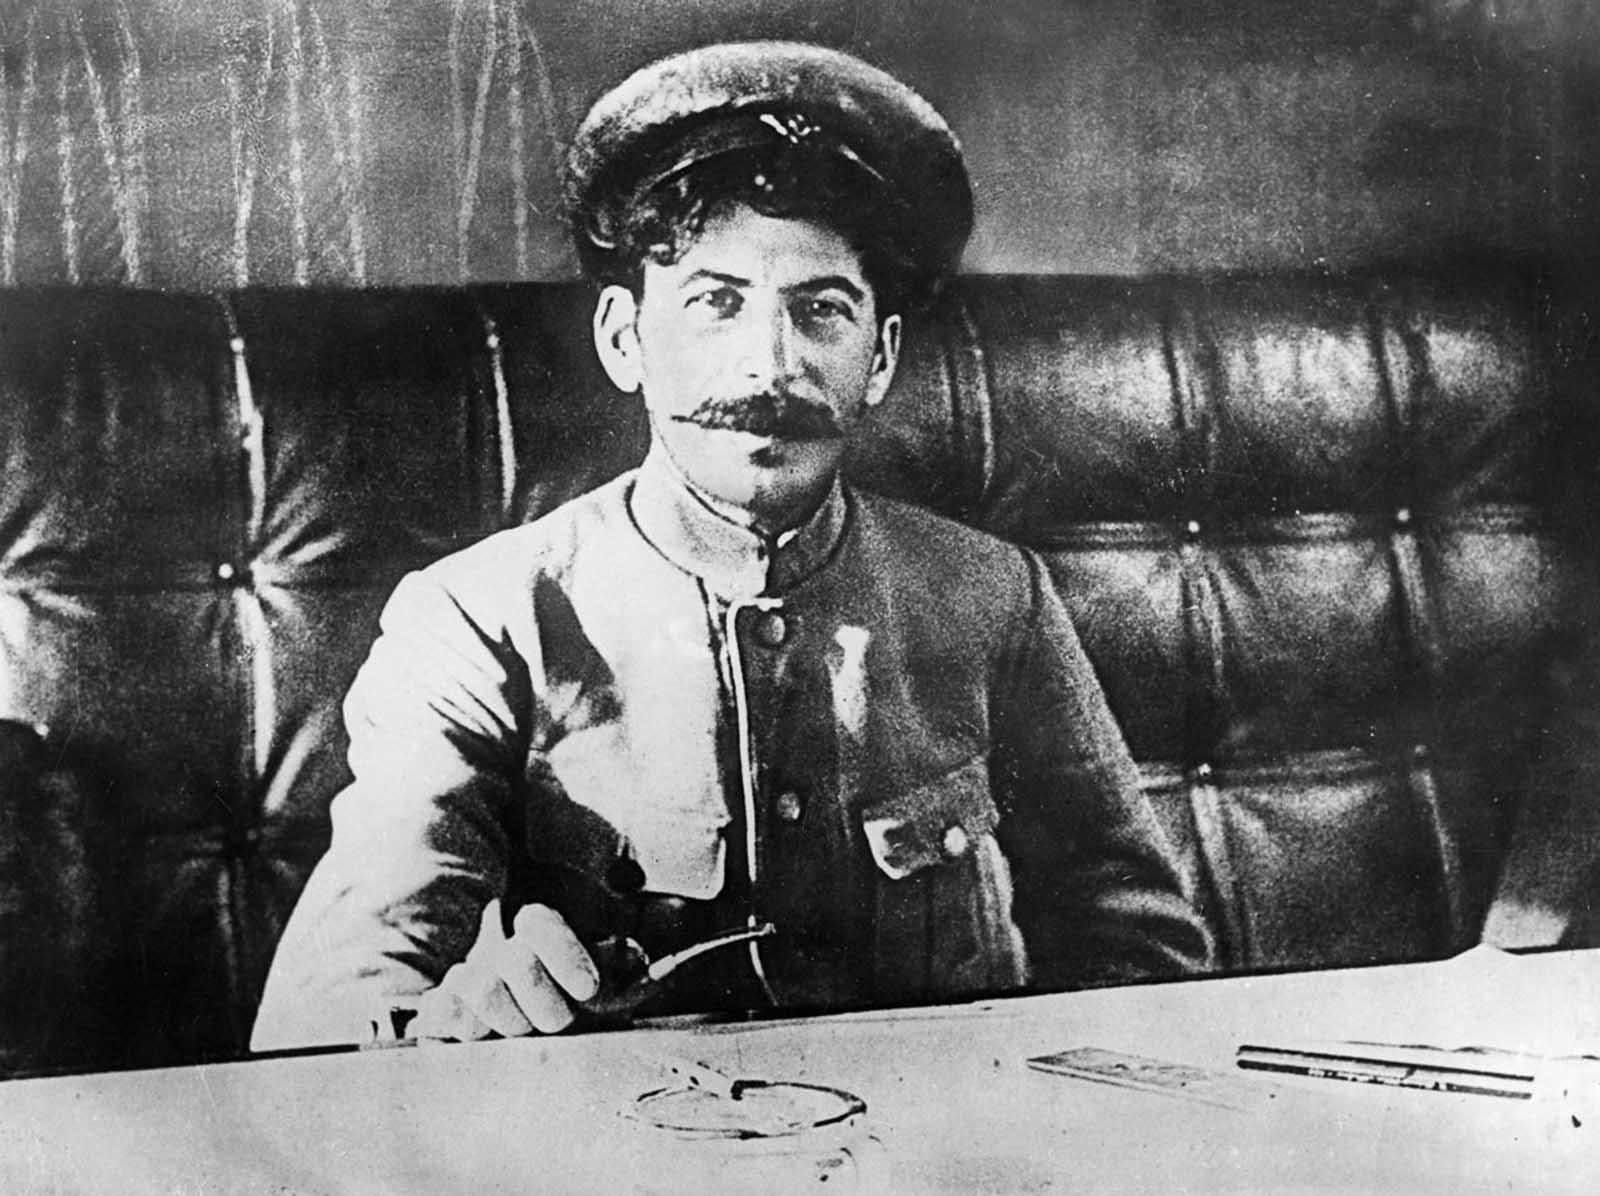 Stalin no luchó durante la Primera Guerra Mundial. Cuando era niño, había sido golpeado en dos ocasiones por carros tirados por caballos, causando un daño permanente en su brazo izquierdo y eximiéndolo del frente. 1918.